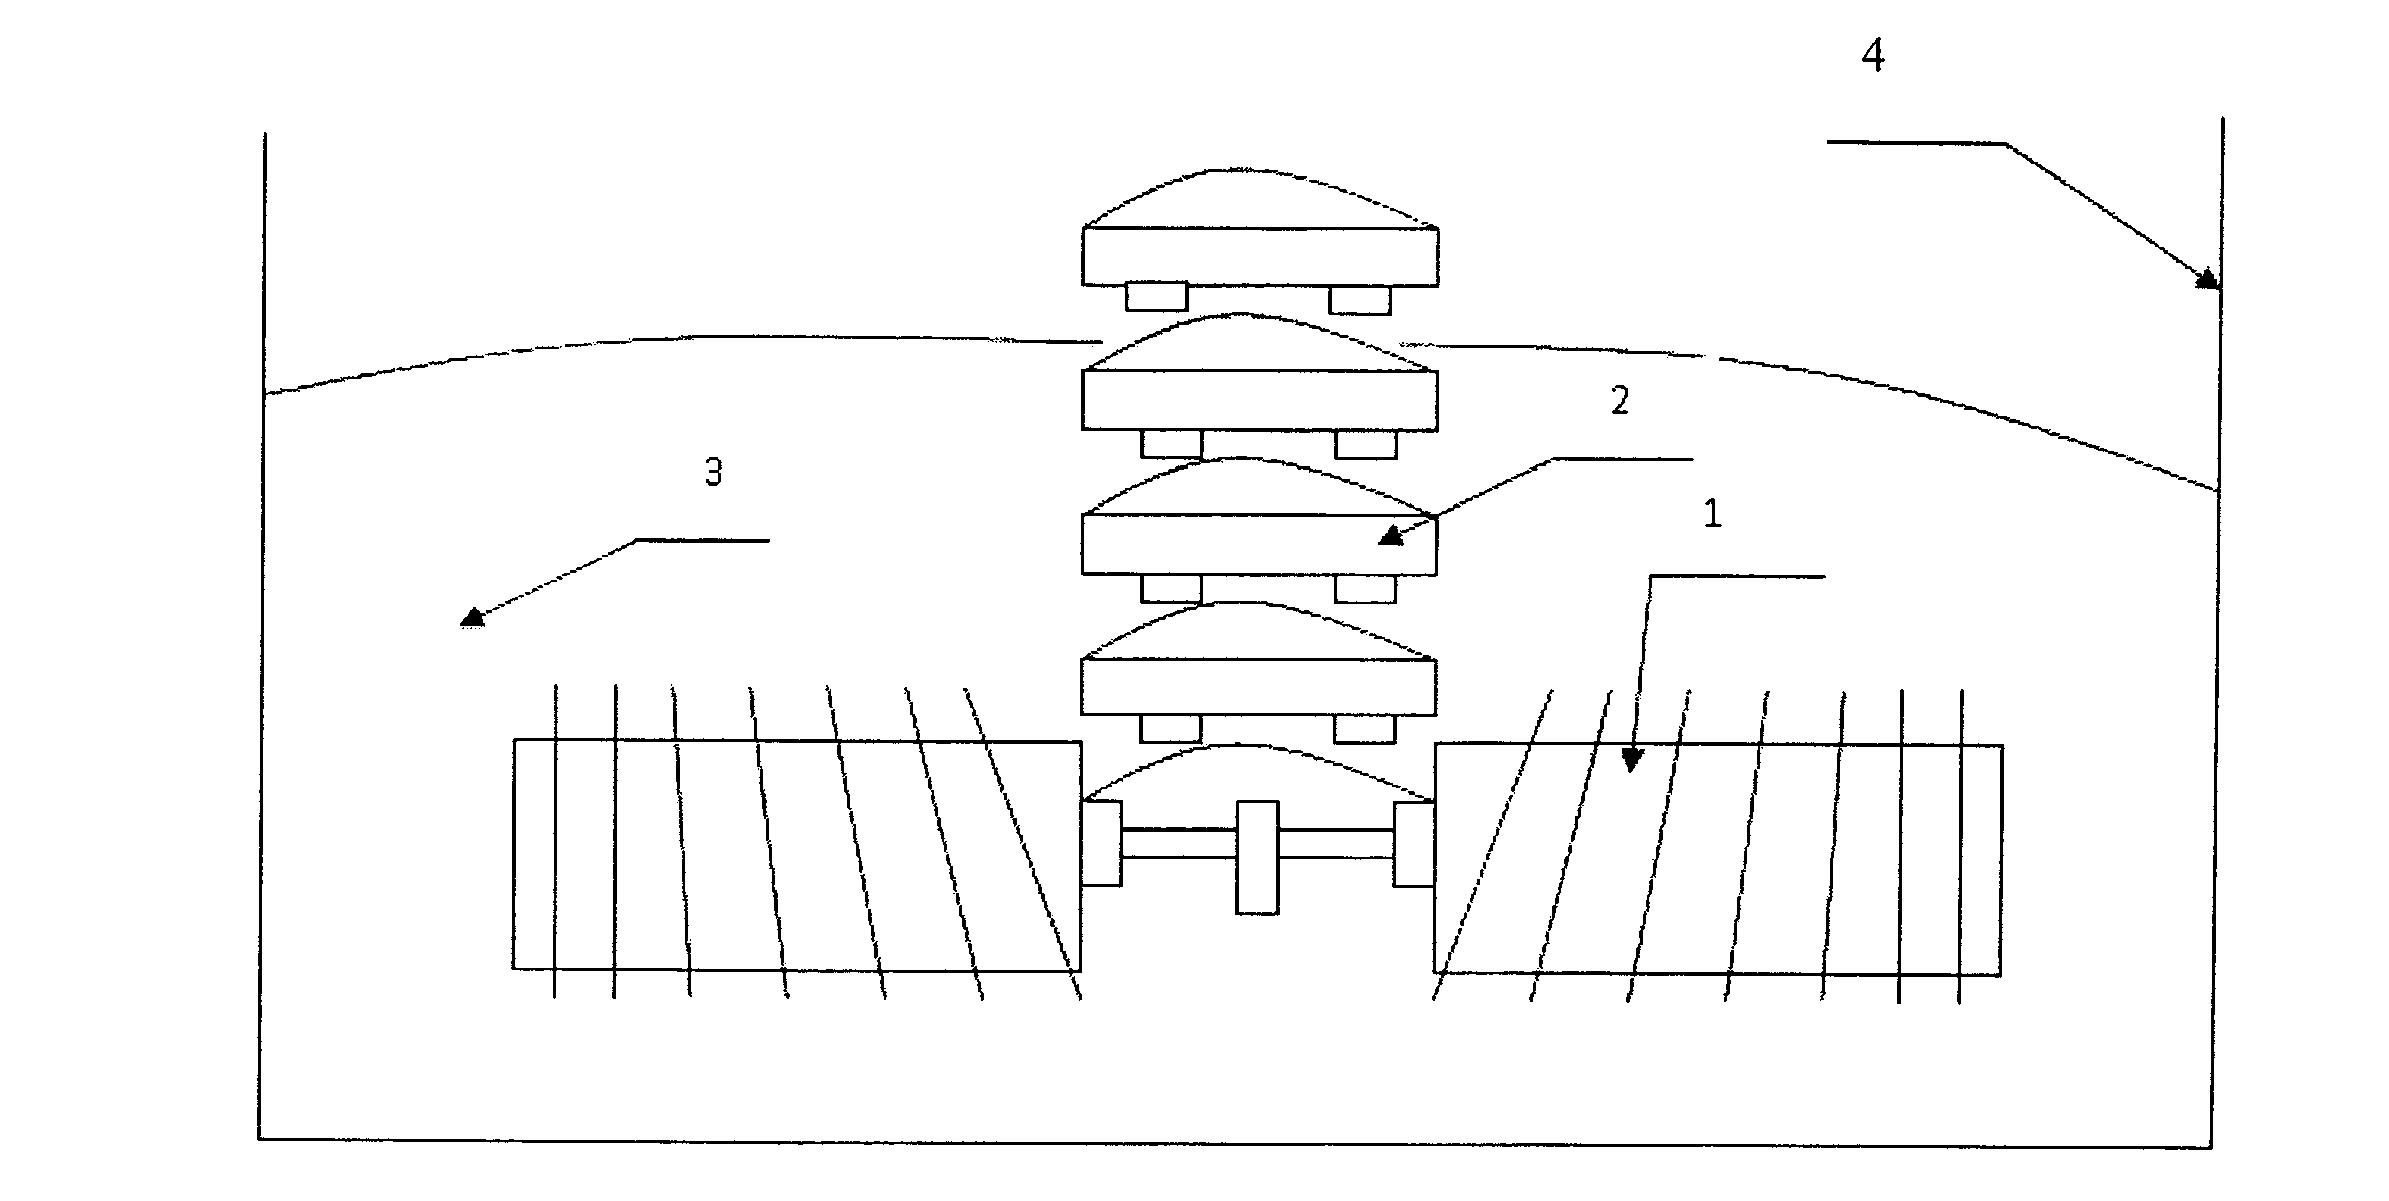 В. 1. Приложение. шнек.  2 - ленточный скребковый конвейер.  4 - стенка бункера перегружателя. трехшаговый.